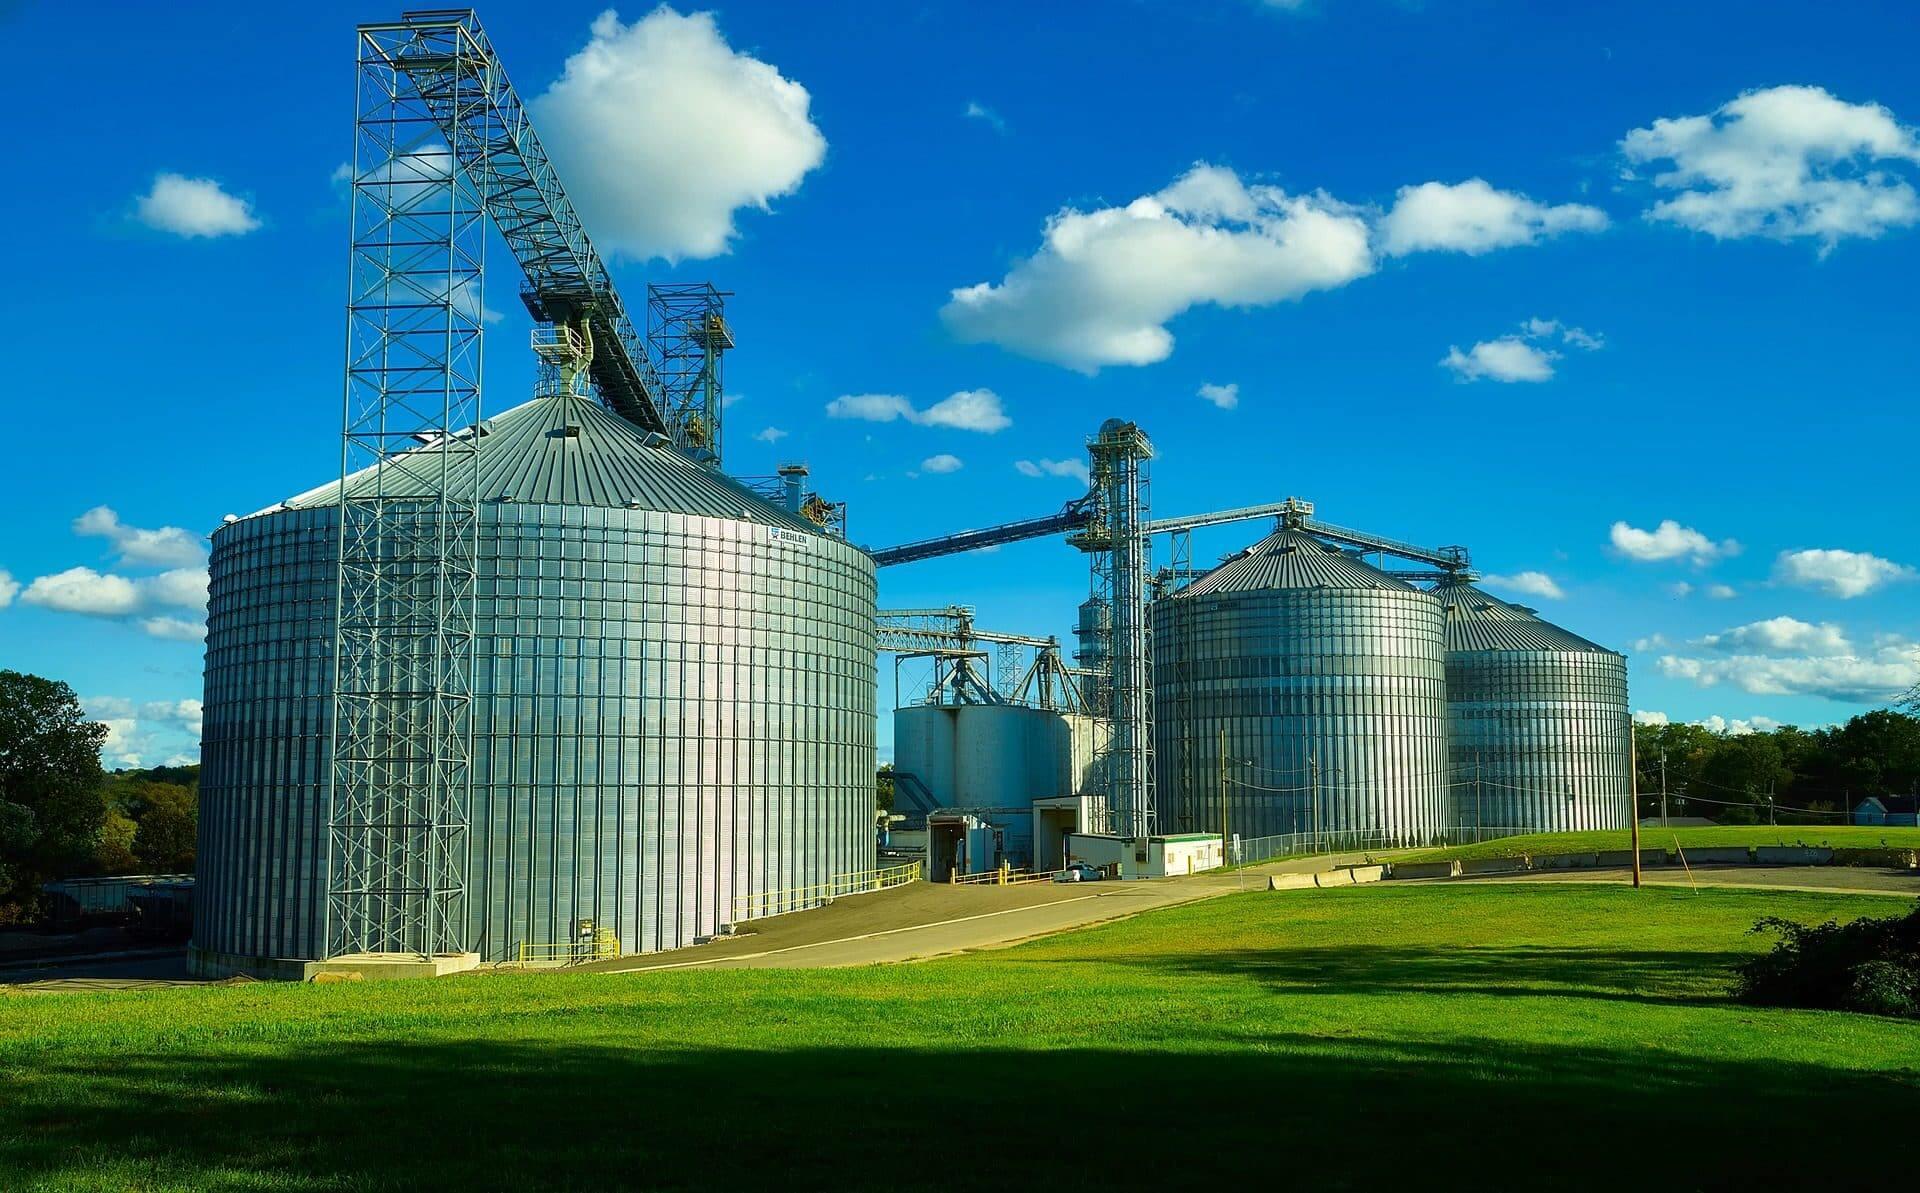 Tre cisterne industriali in mezzo a un prato e in una giornata di cielo sereno.